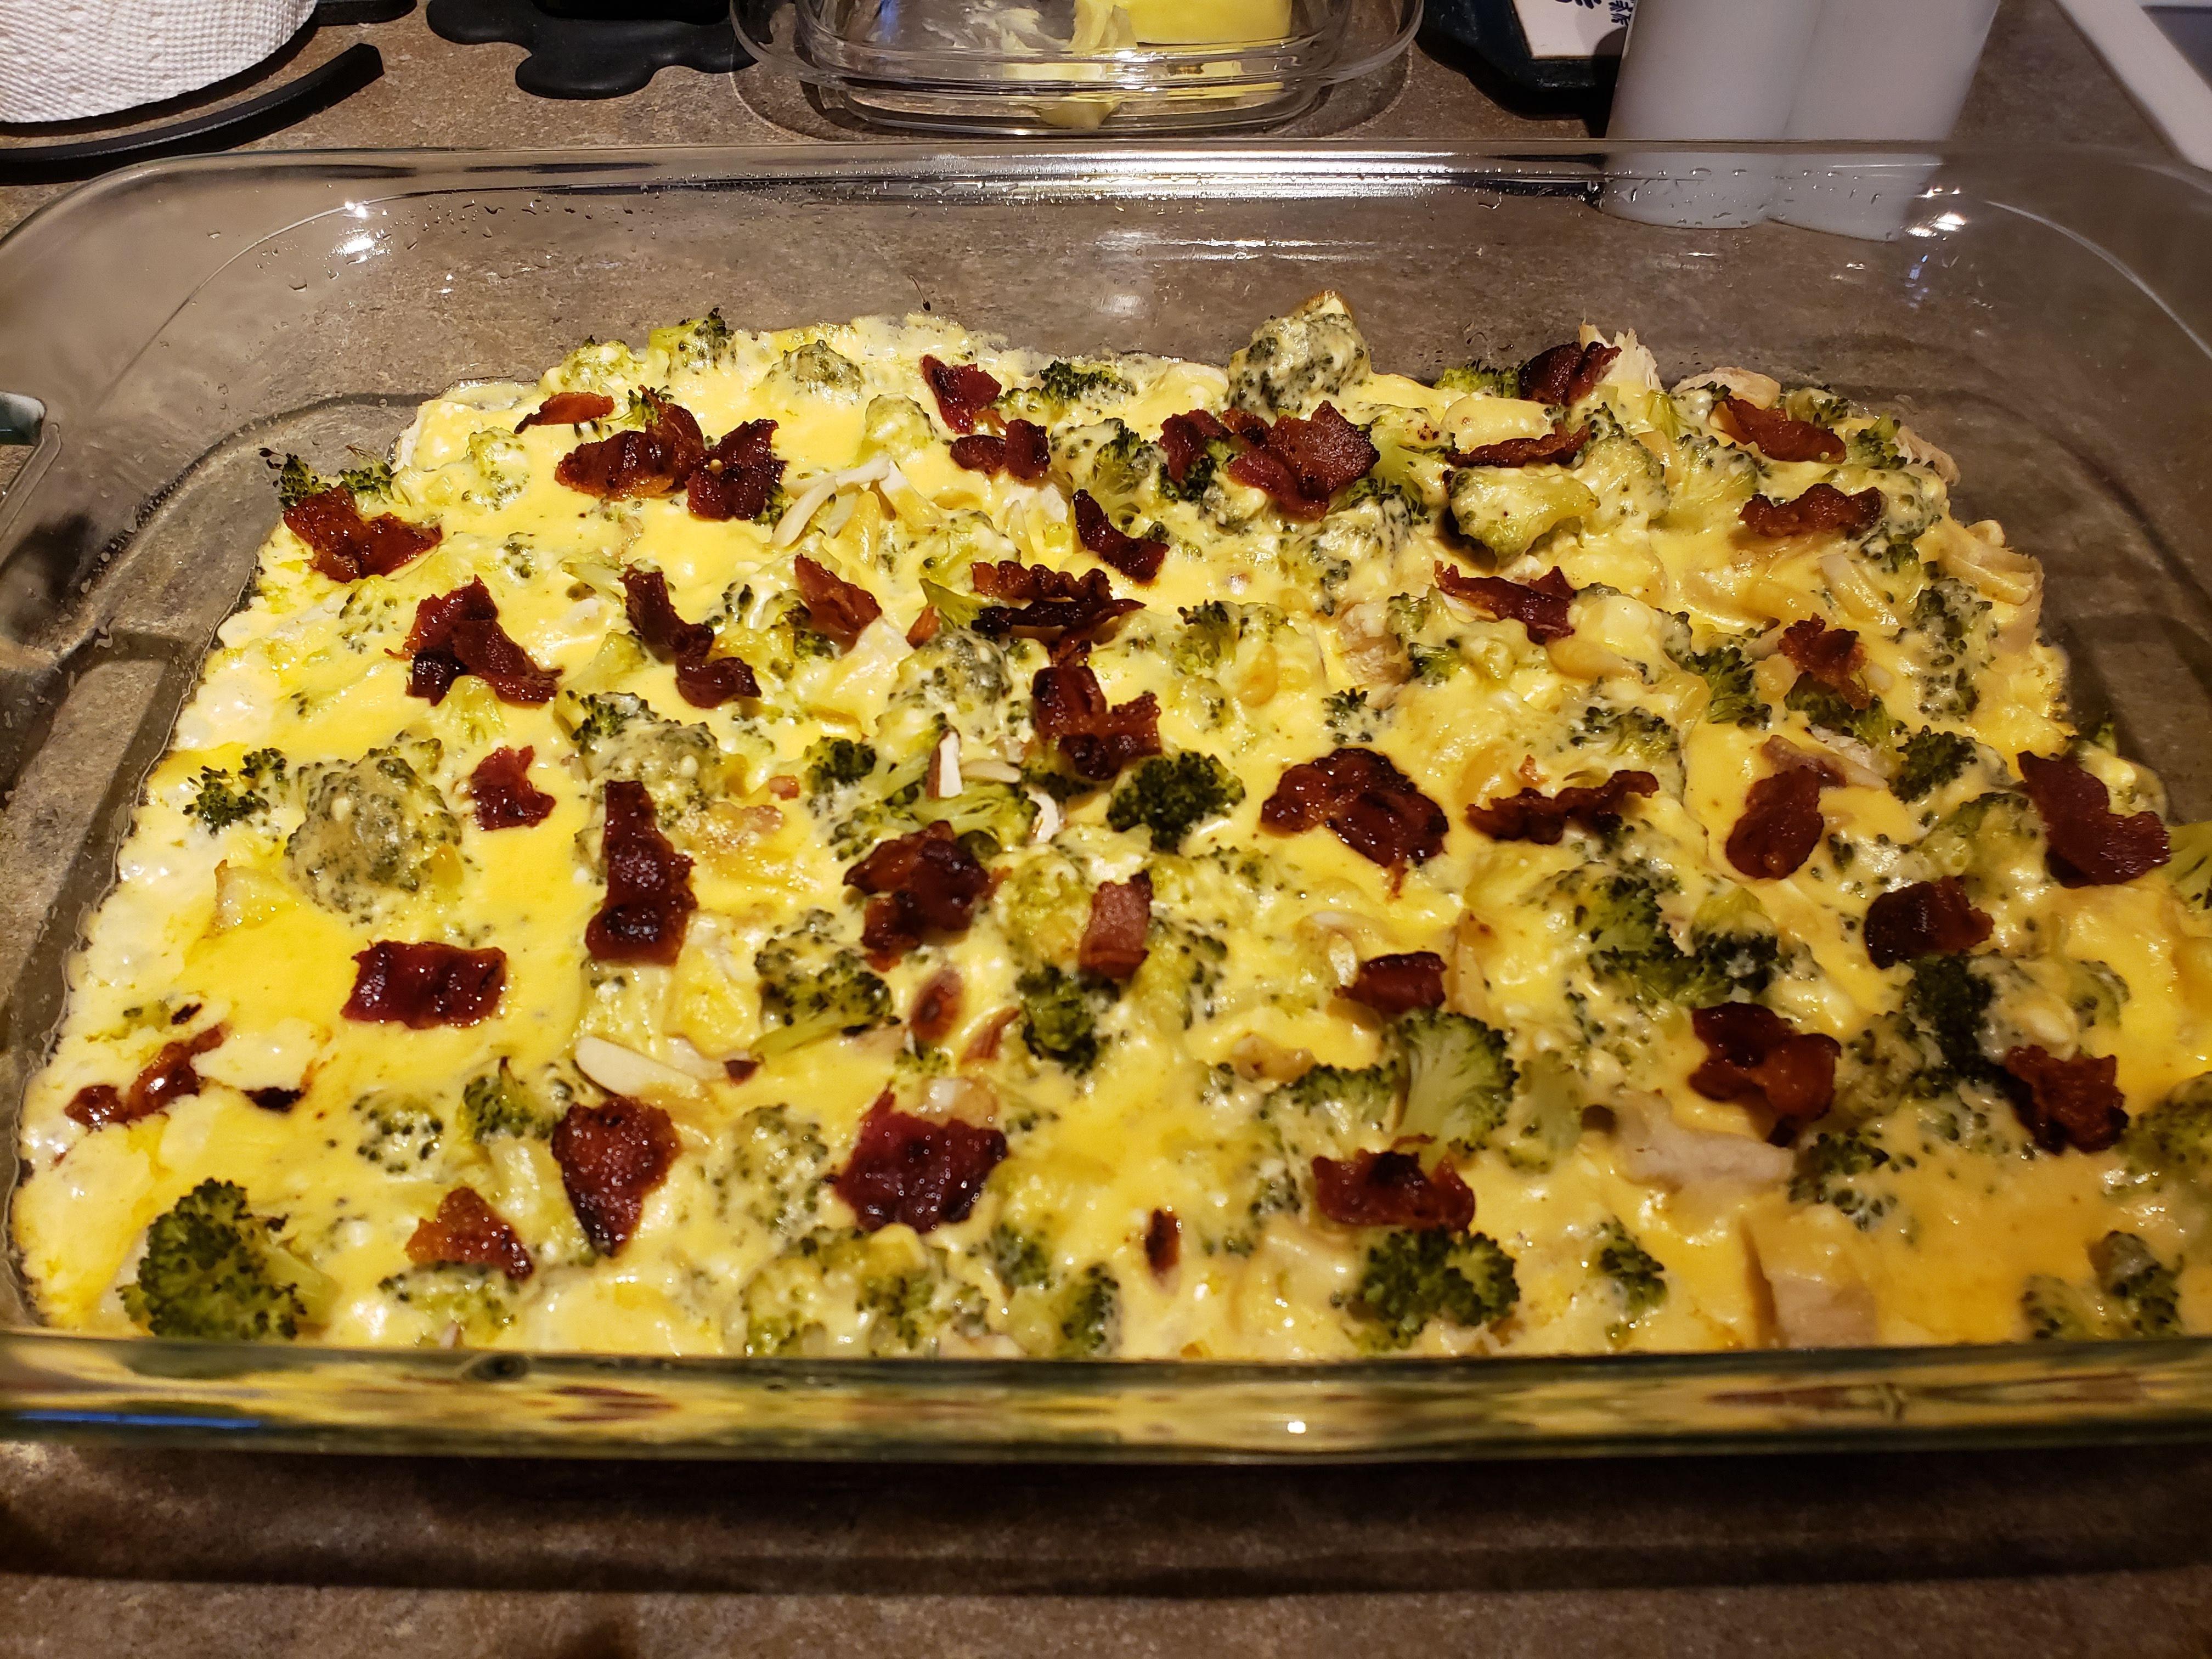 Keto Chicken and Broccoli Casserole Angela Acker